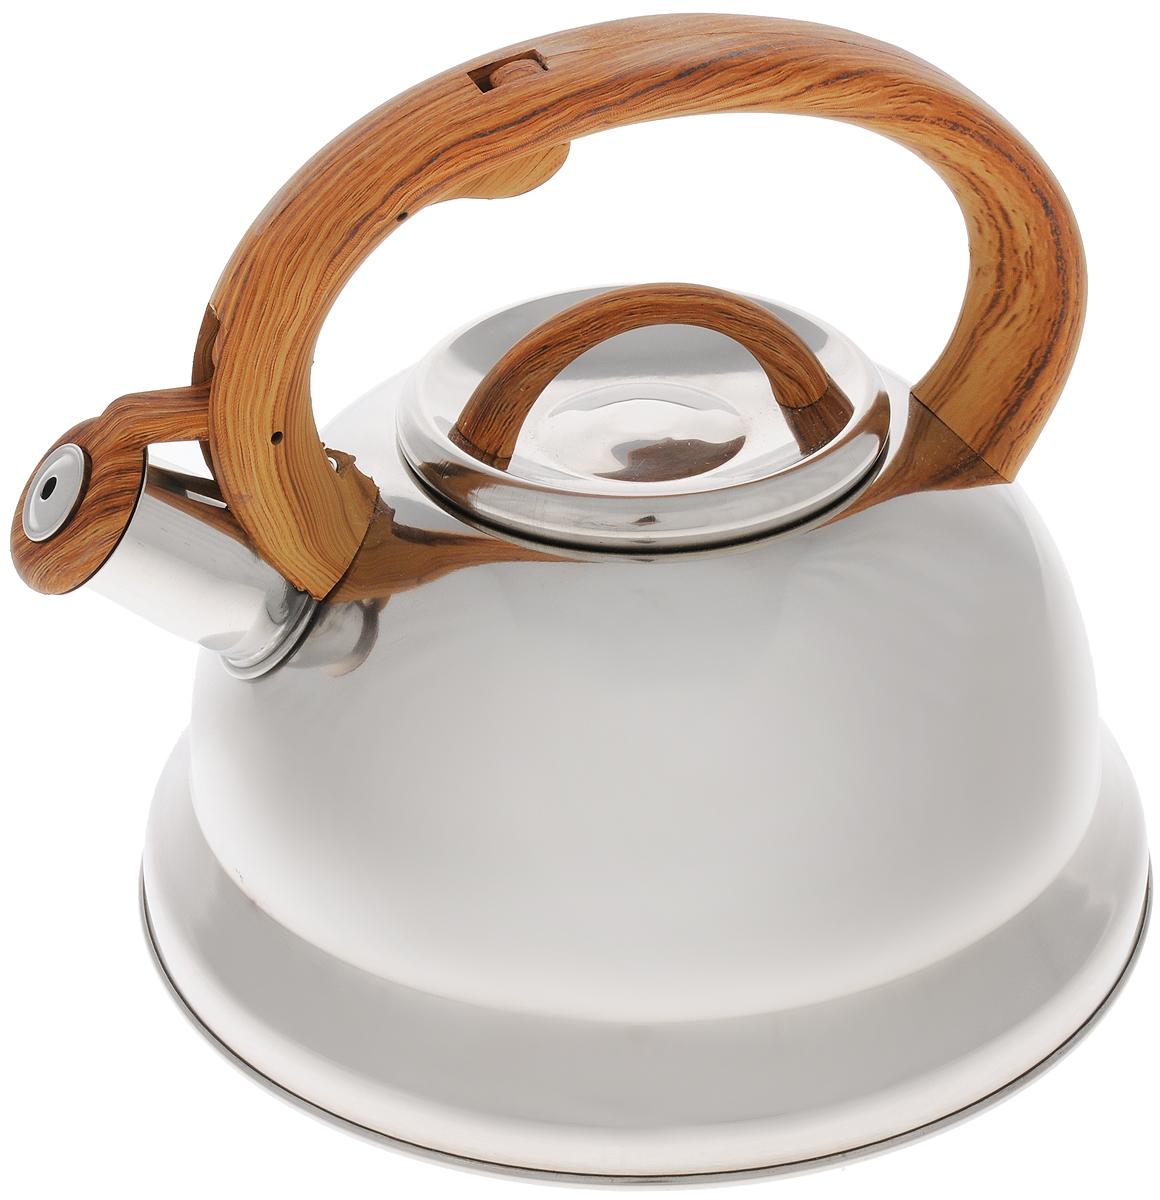 Чайник Mayer & Boch, со свистком, цвет: серебристый, коричневый, 3 л. 2574525745Чайник Mayer & Boch выполнен из долговечной и прочной нержавеющей стали, что делает его весьма гигиеничным и устойчивым к износу при длительном использовании. Гладкая и ровная поверхность существенно облегчает уход за посудой. Выполненный из качественных материалов чайник при кипячении сохраняет все полезные свойства воды. Изделие оснащено свистком, благодаря которому вы можете не беспокоиться о том, что закипевшая вода зальет плиту. Как только вода закипит - свисток оповестит вас об этом. Фиксированная ручка, изготовленная из пластика, делает использование чайника очень удобным и безопасным и отлично впишется в интерьер любой кухни. Подходит для всех типов плит, кроме индукционных. Можно мыть в посудомоечной машине. . Высота чайника (с учетом ручки и крышки): 20 см. Диаметр основания: 22 см. Диаметр (по верхнему краю): 10 см.